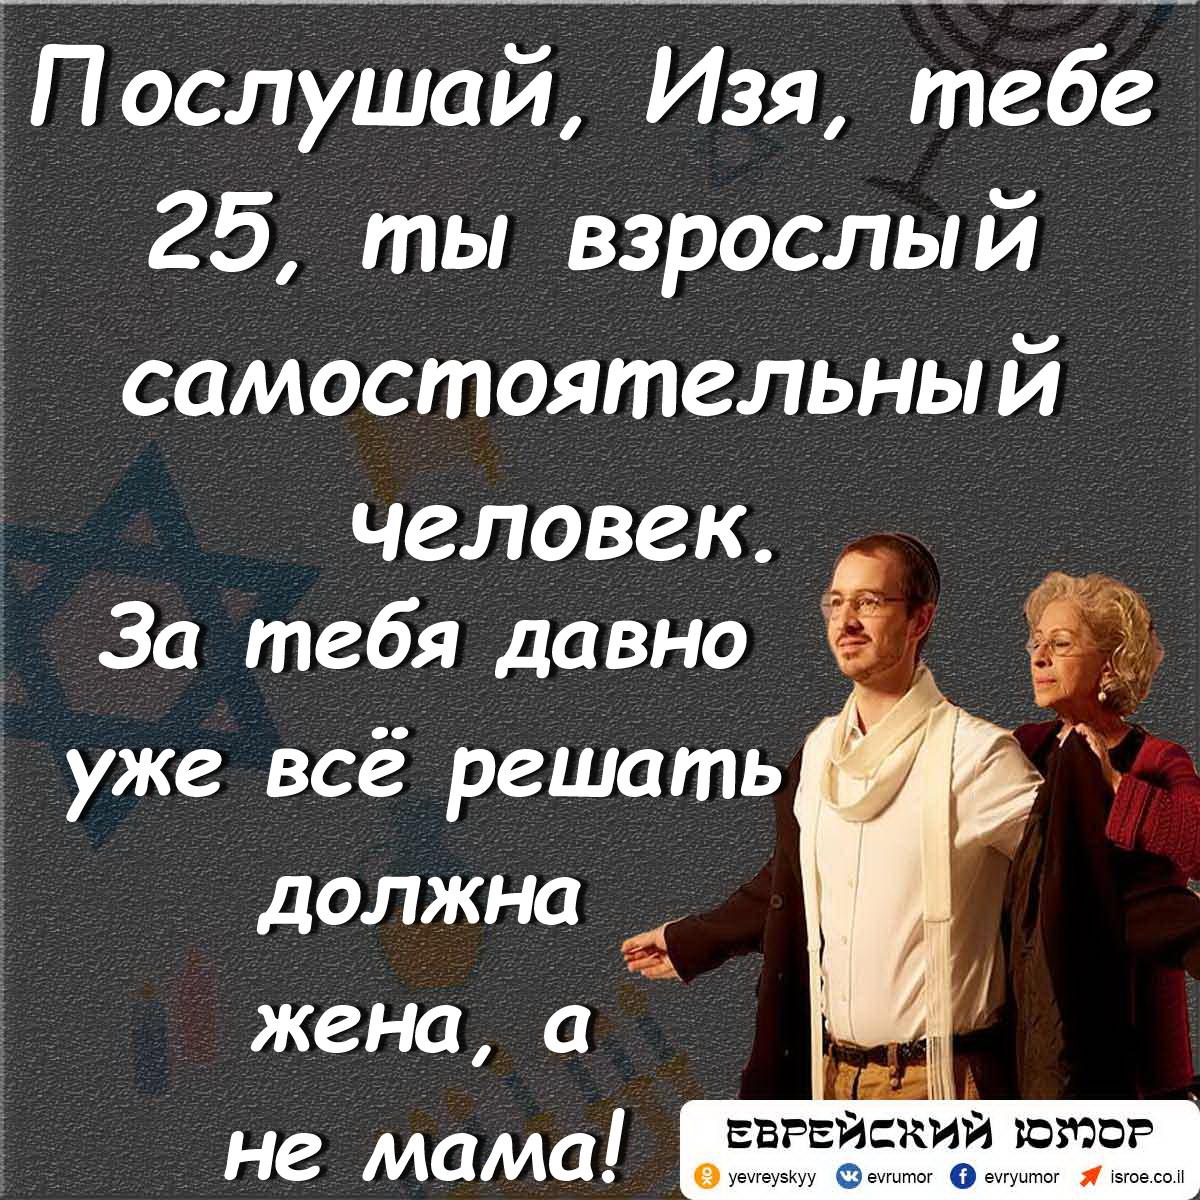 Послушай, Изя, тебе 25, ты взрослый самостоятельный человек. За тебя давно уже всё решать должна жена, а не мама!